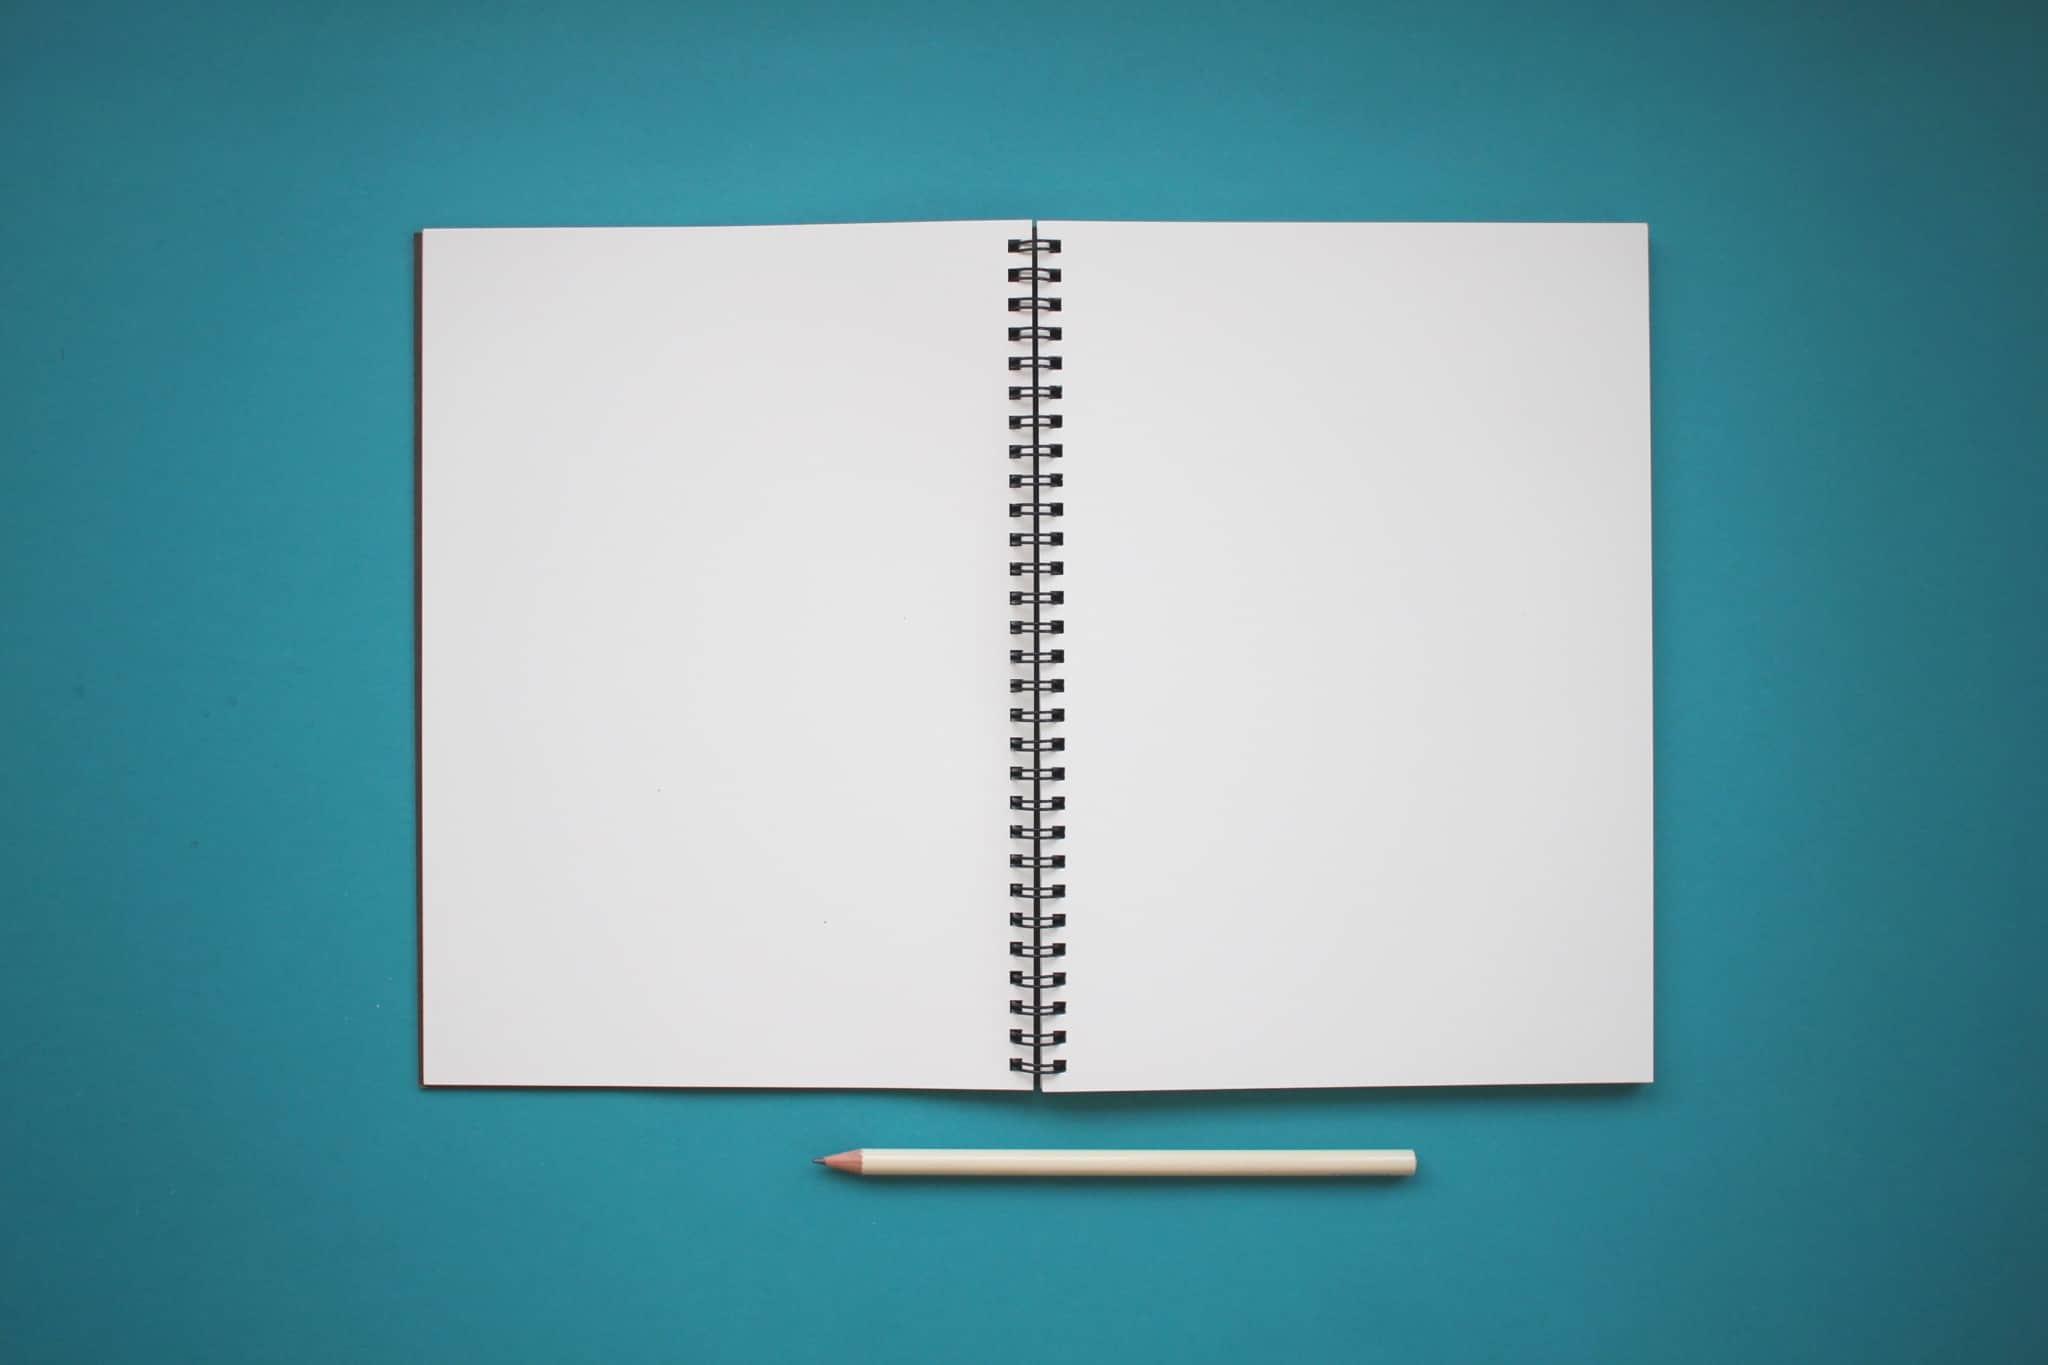 caderno branco aberto mas está vazio